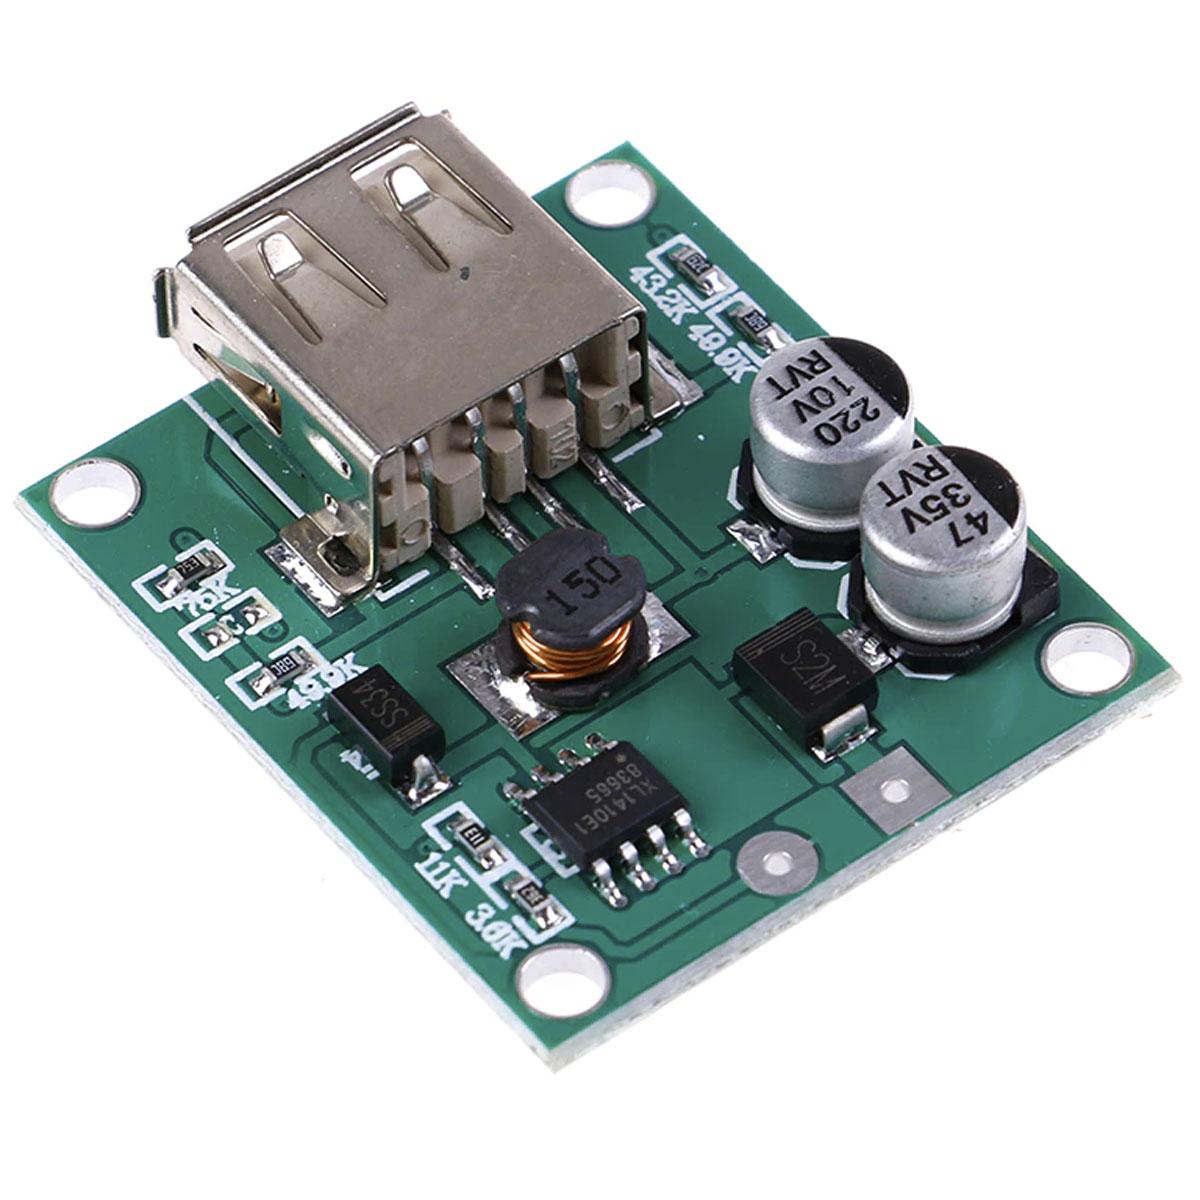 Controlador Painel Solar Saída USB 5v 2a p/ Carregar Celular